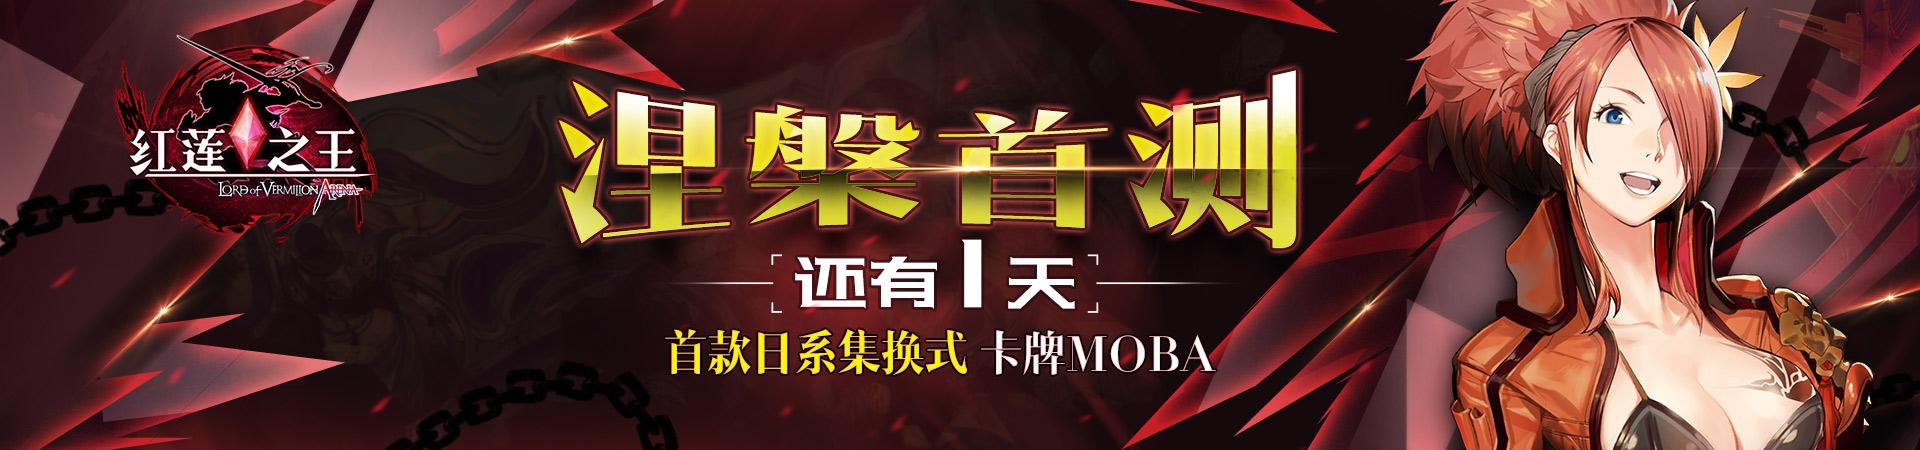 集换式卡牌MOBA《红莲之王》涅槃首测明日开启